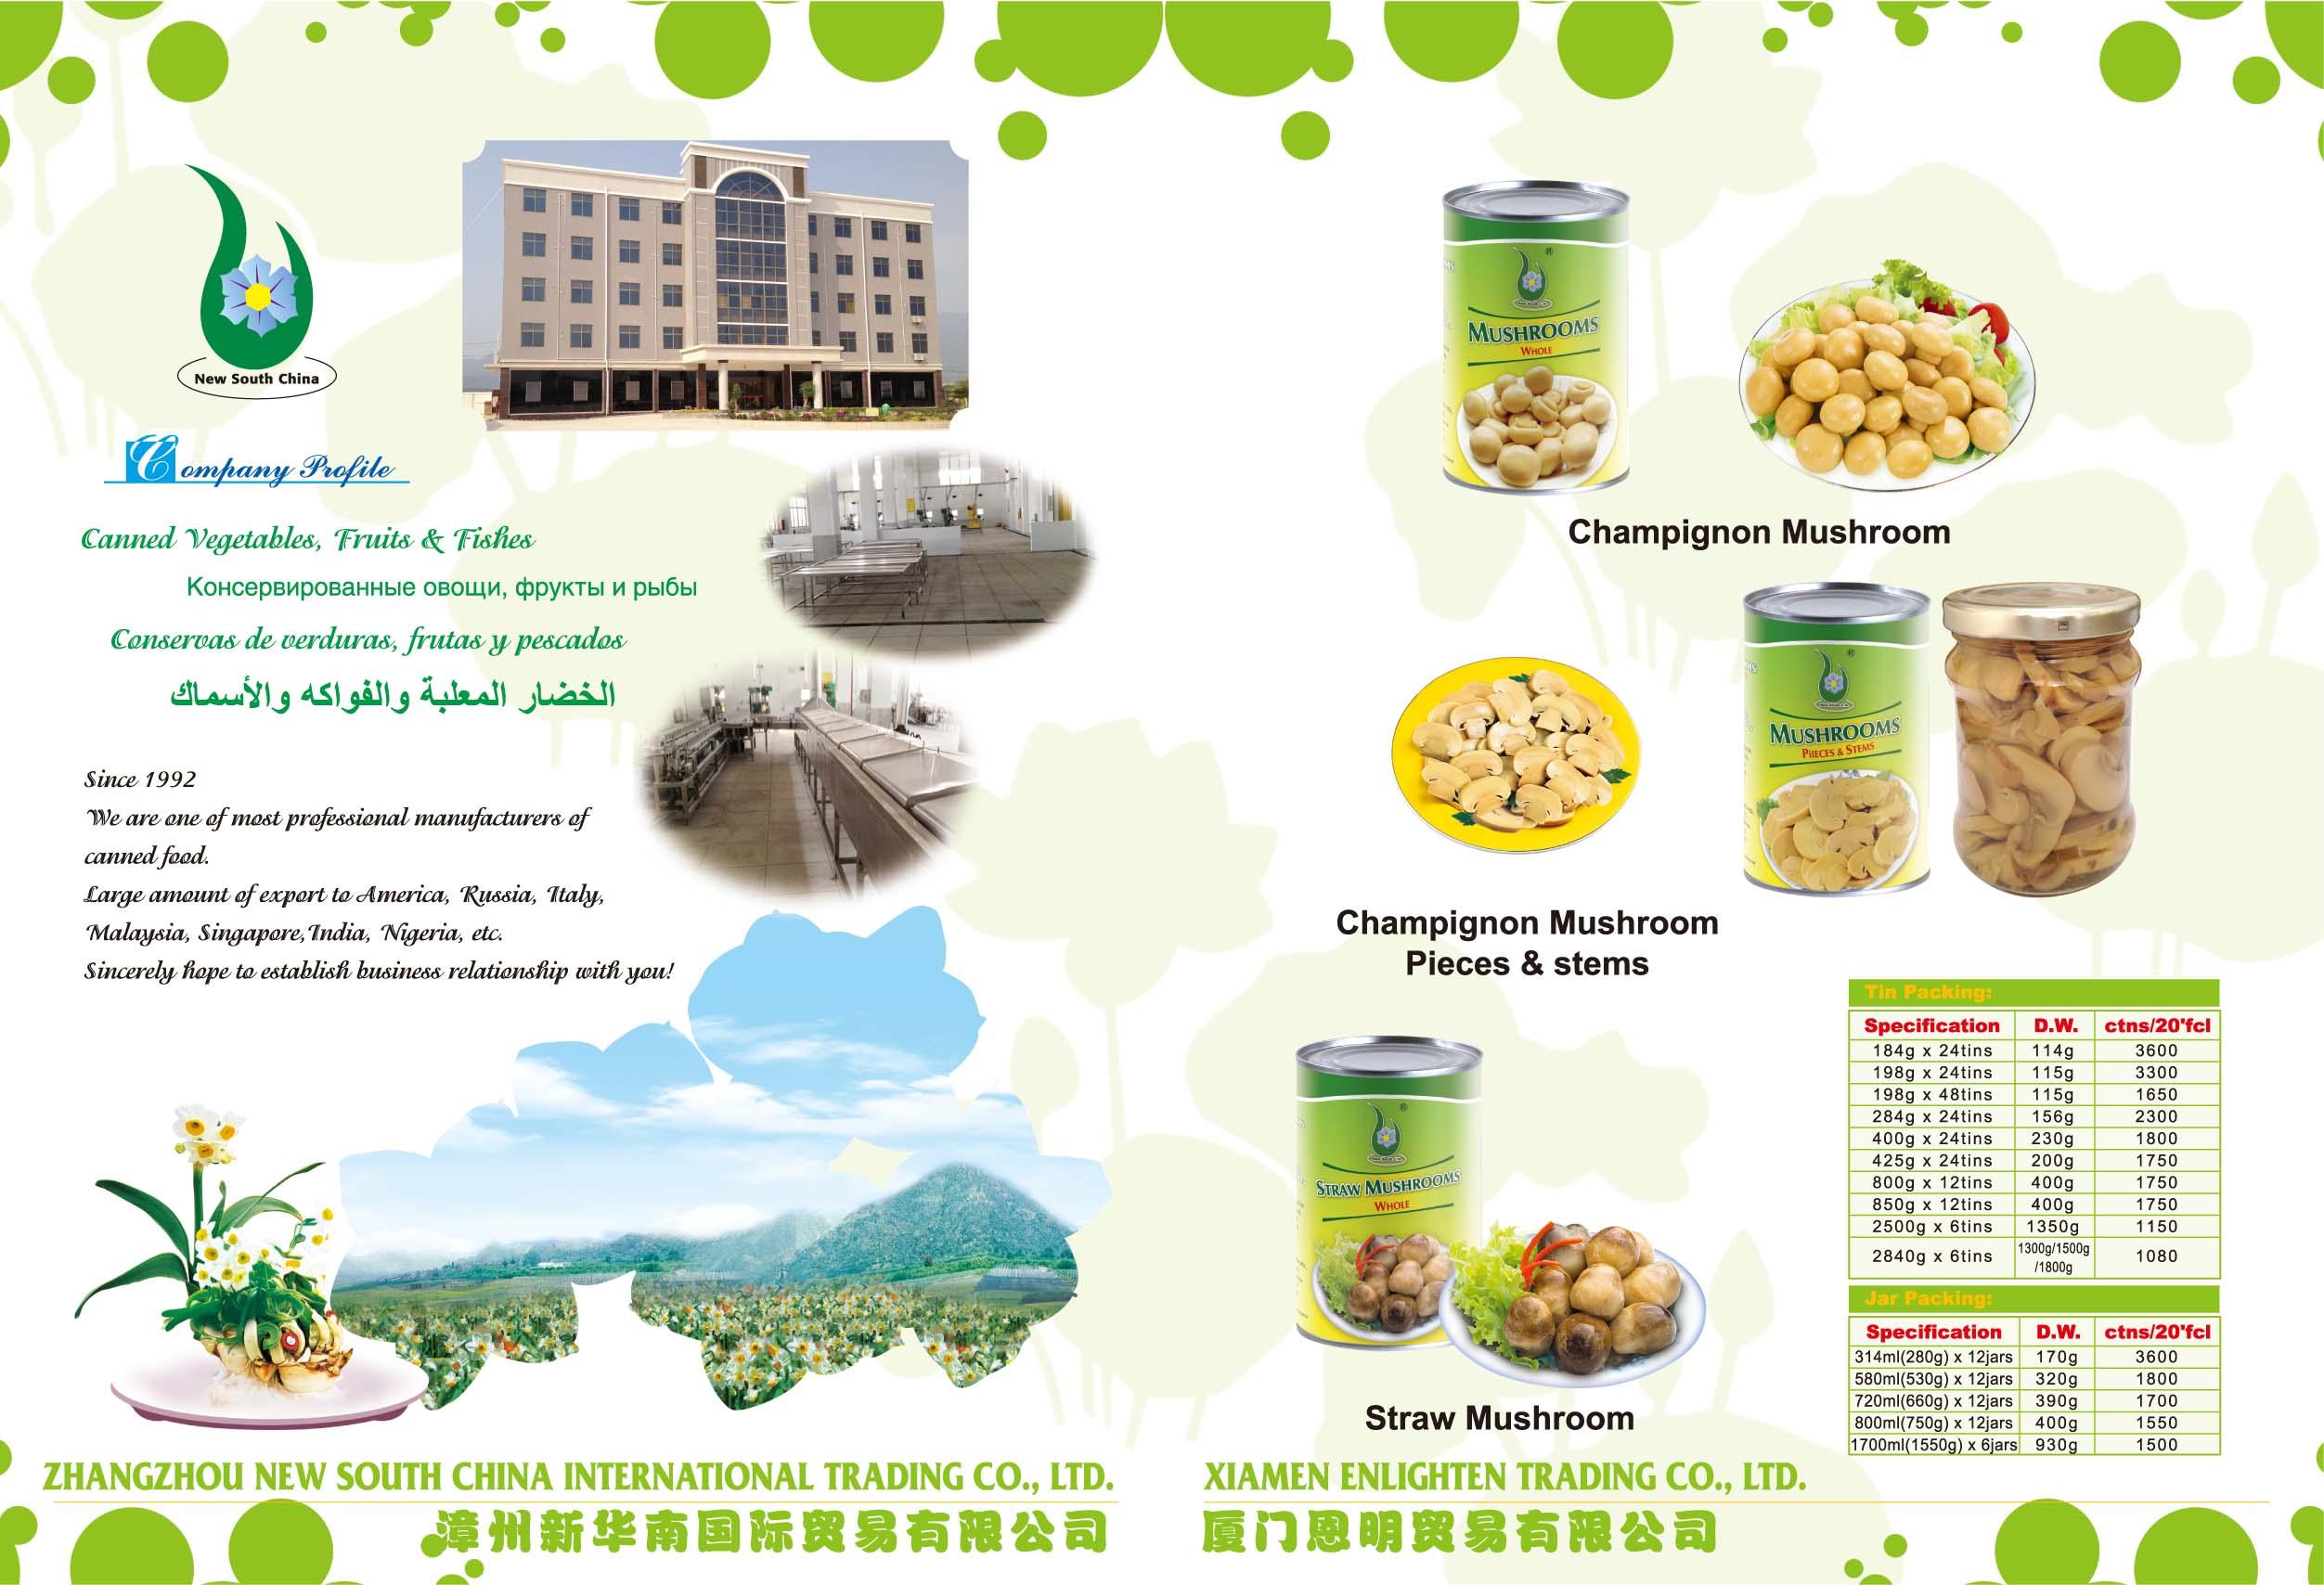 Canned Food - XIAMEN ENLIGHTEN TRADING CO., LTD.